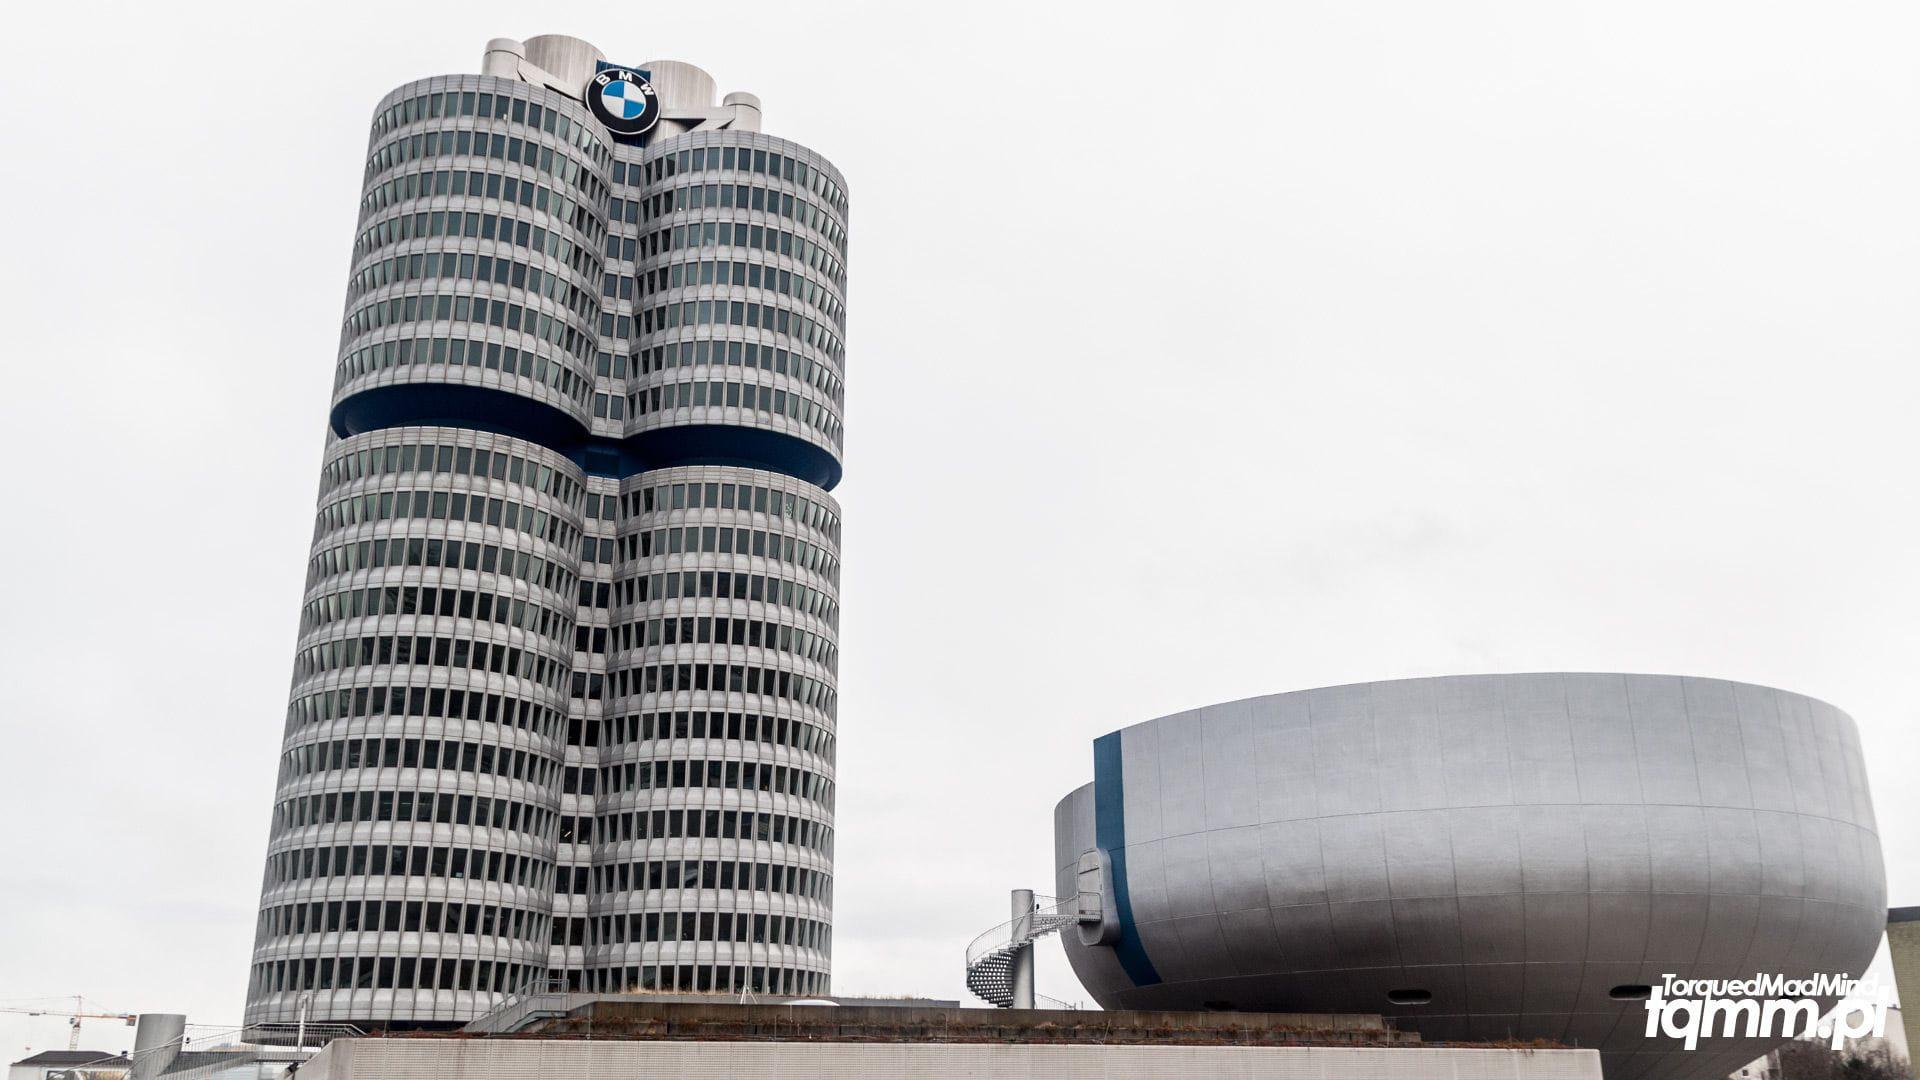 Fotki #99: BMW Museum & Welt